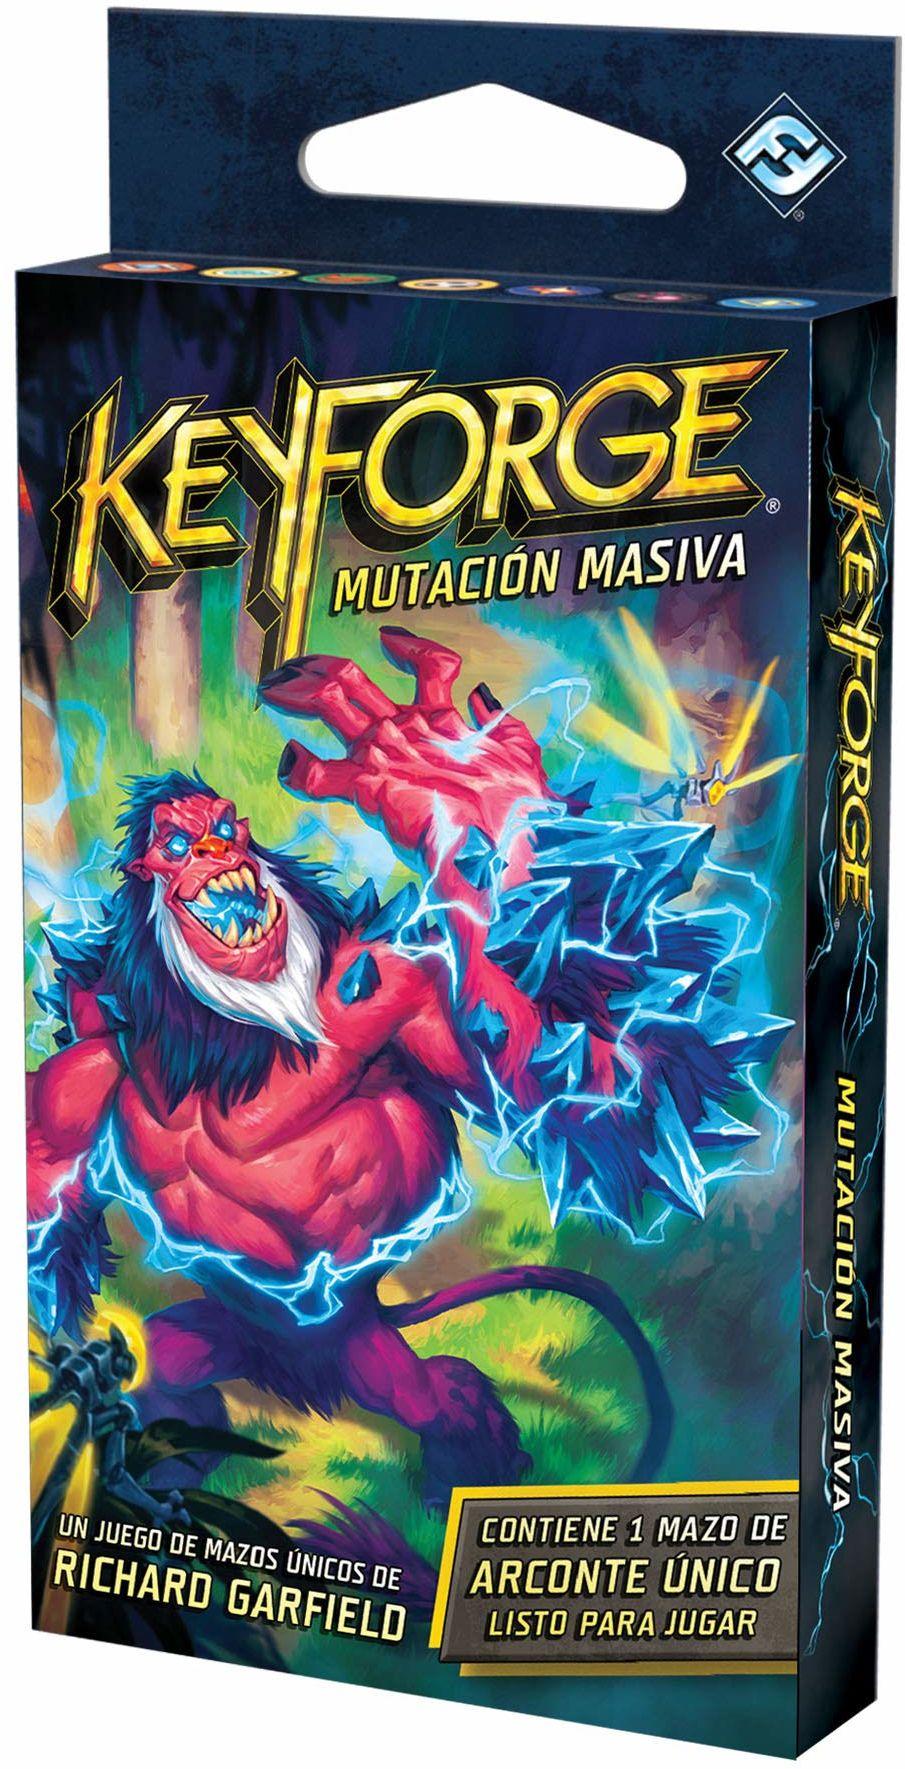 Fantasy Flight Games Gra karciana  KeyForge Mutation rakietka do masażu do treningu na świecie, w którym wszystko jest możliwe (KF09AES)